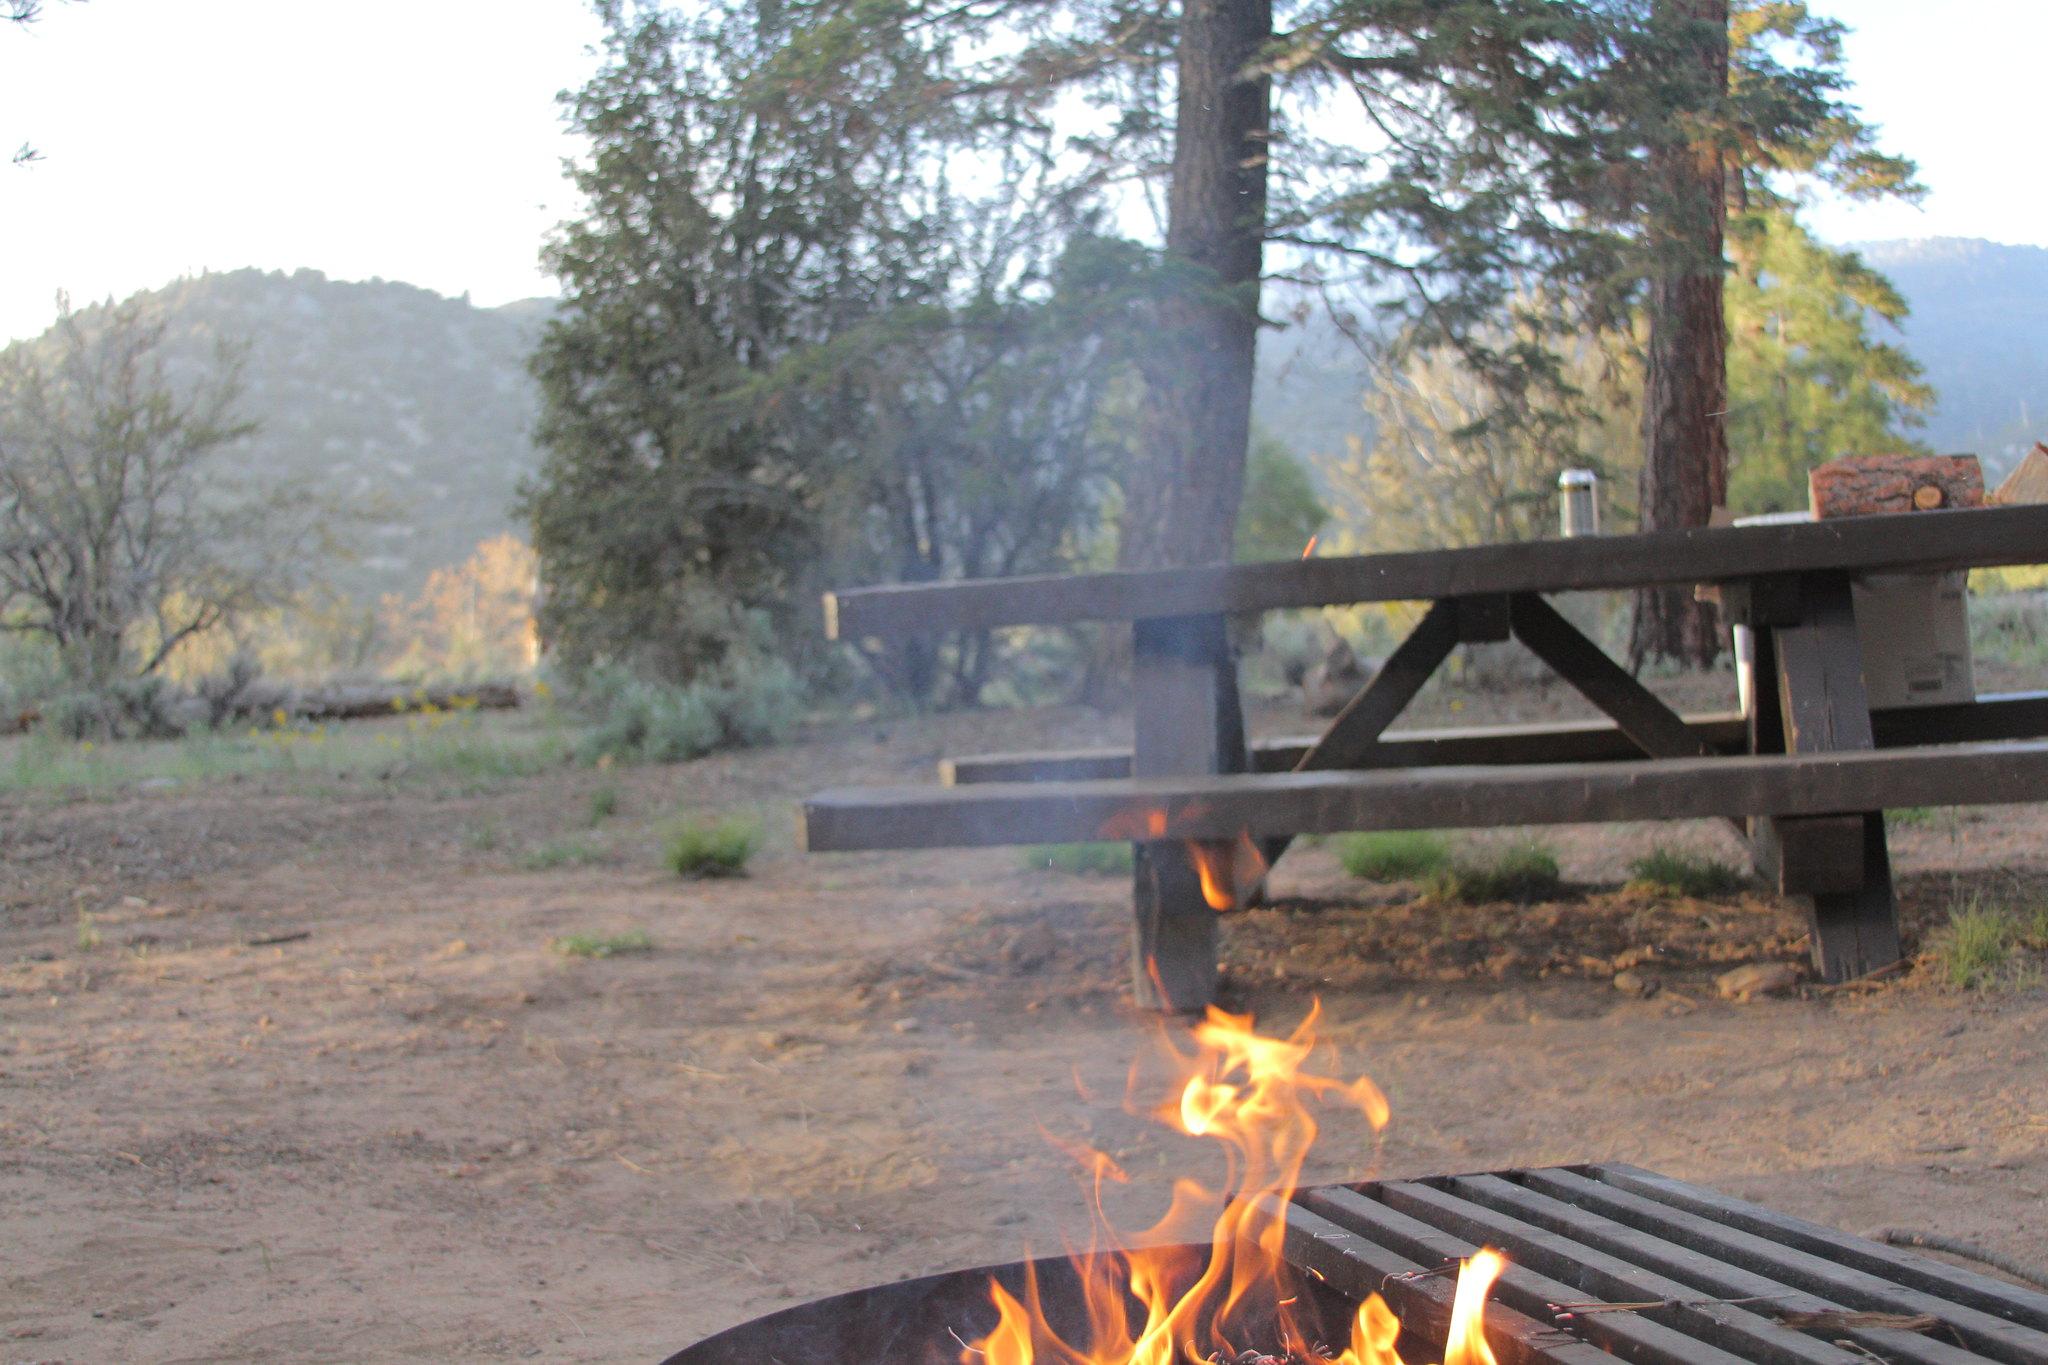 Heart Bar Campground - San Bernardino National Forest